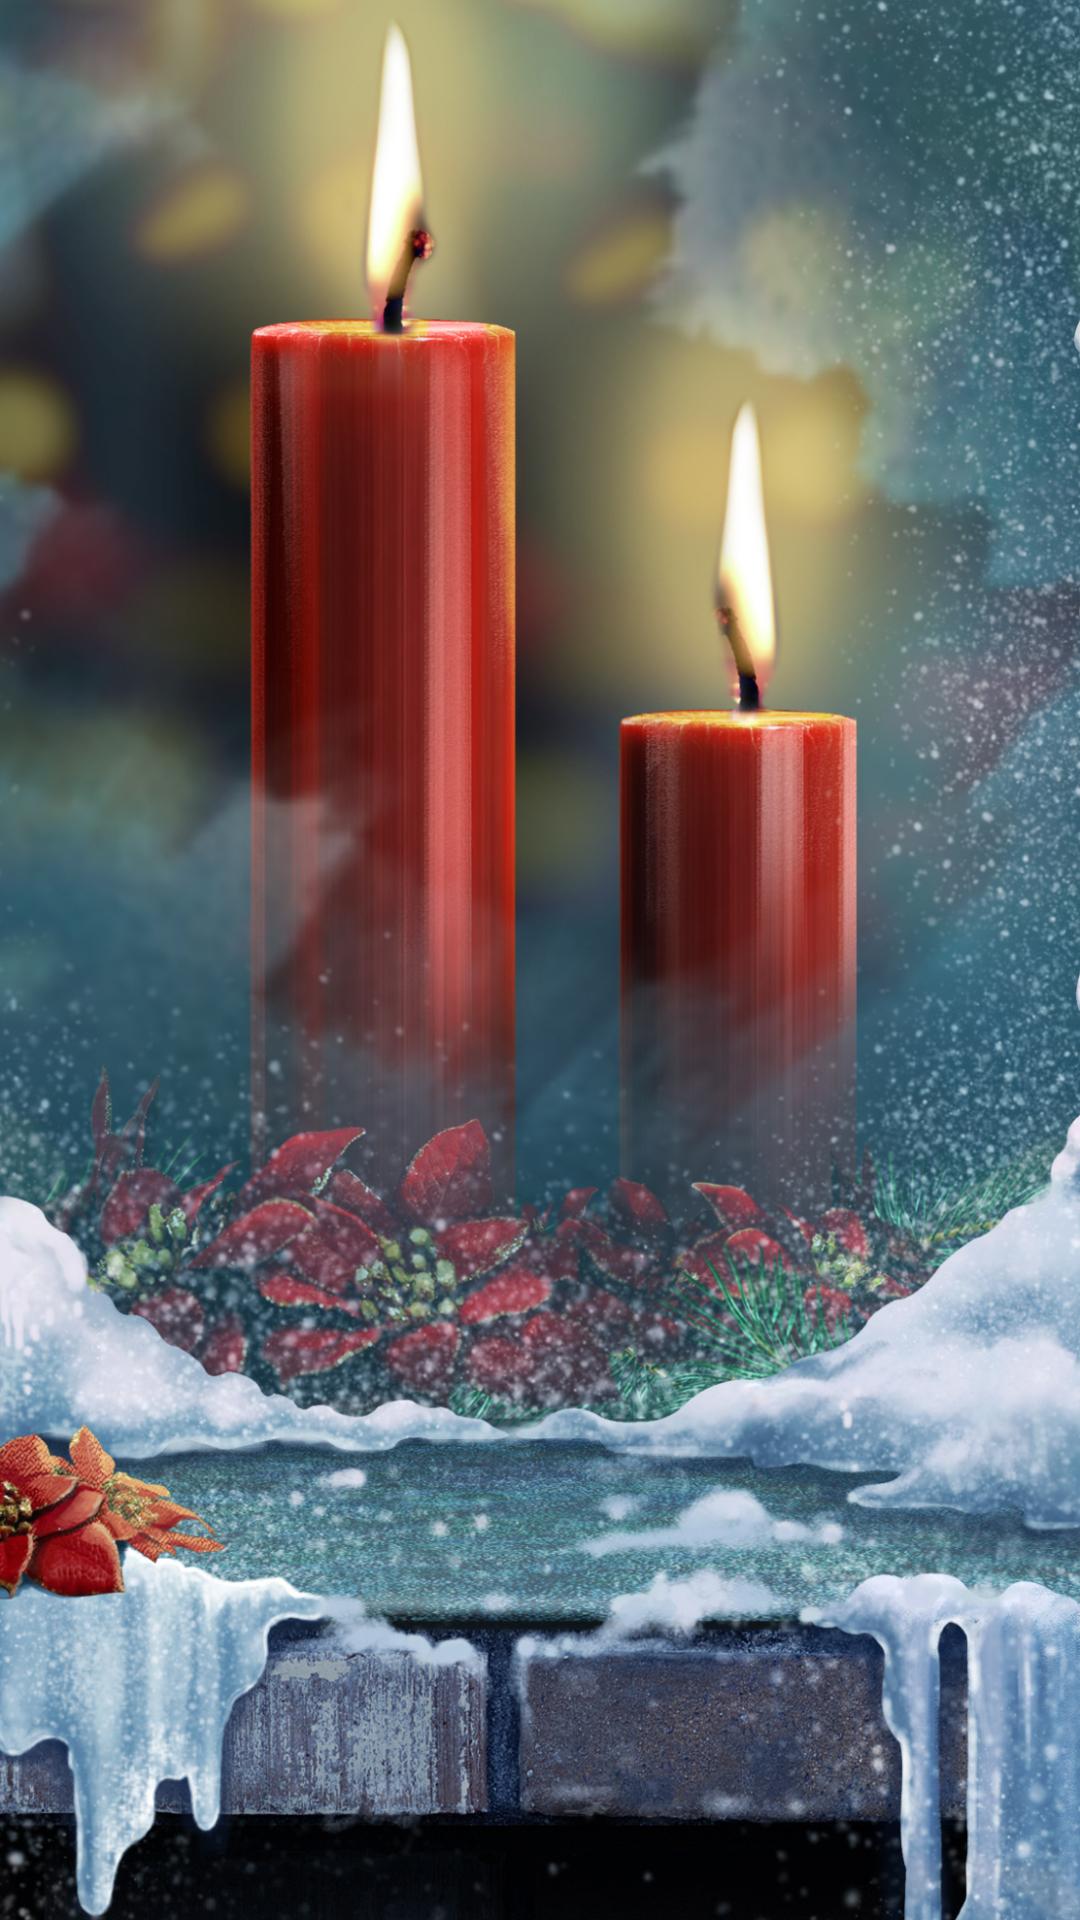 Holiday Christmas 1080x1920 Wallpaper Id 581146 Mobile